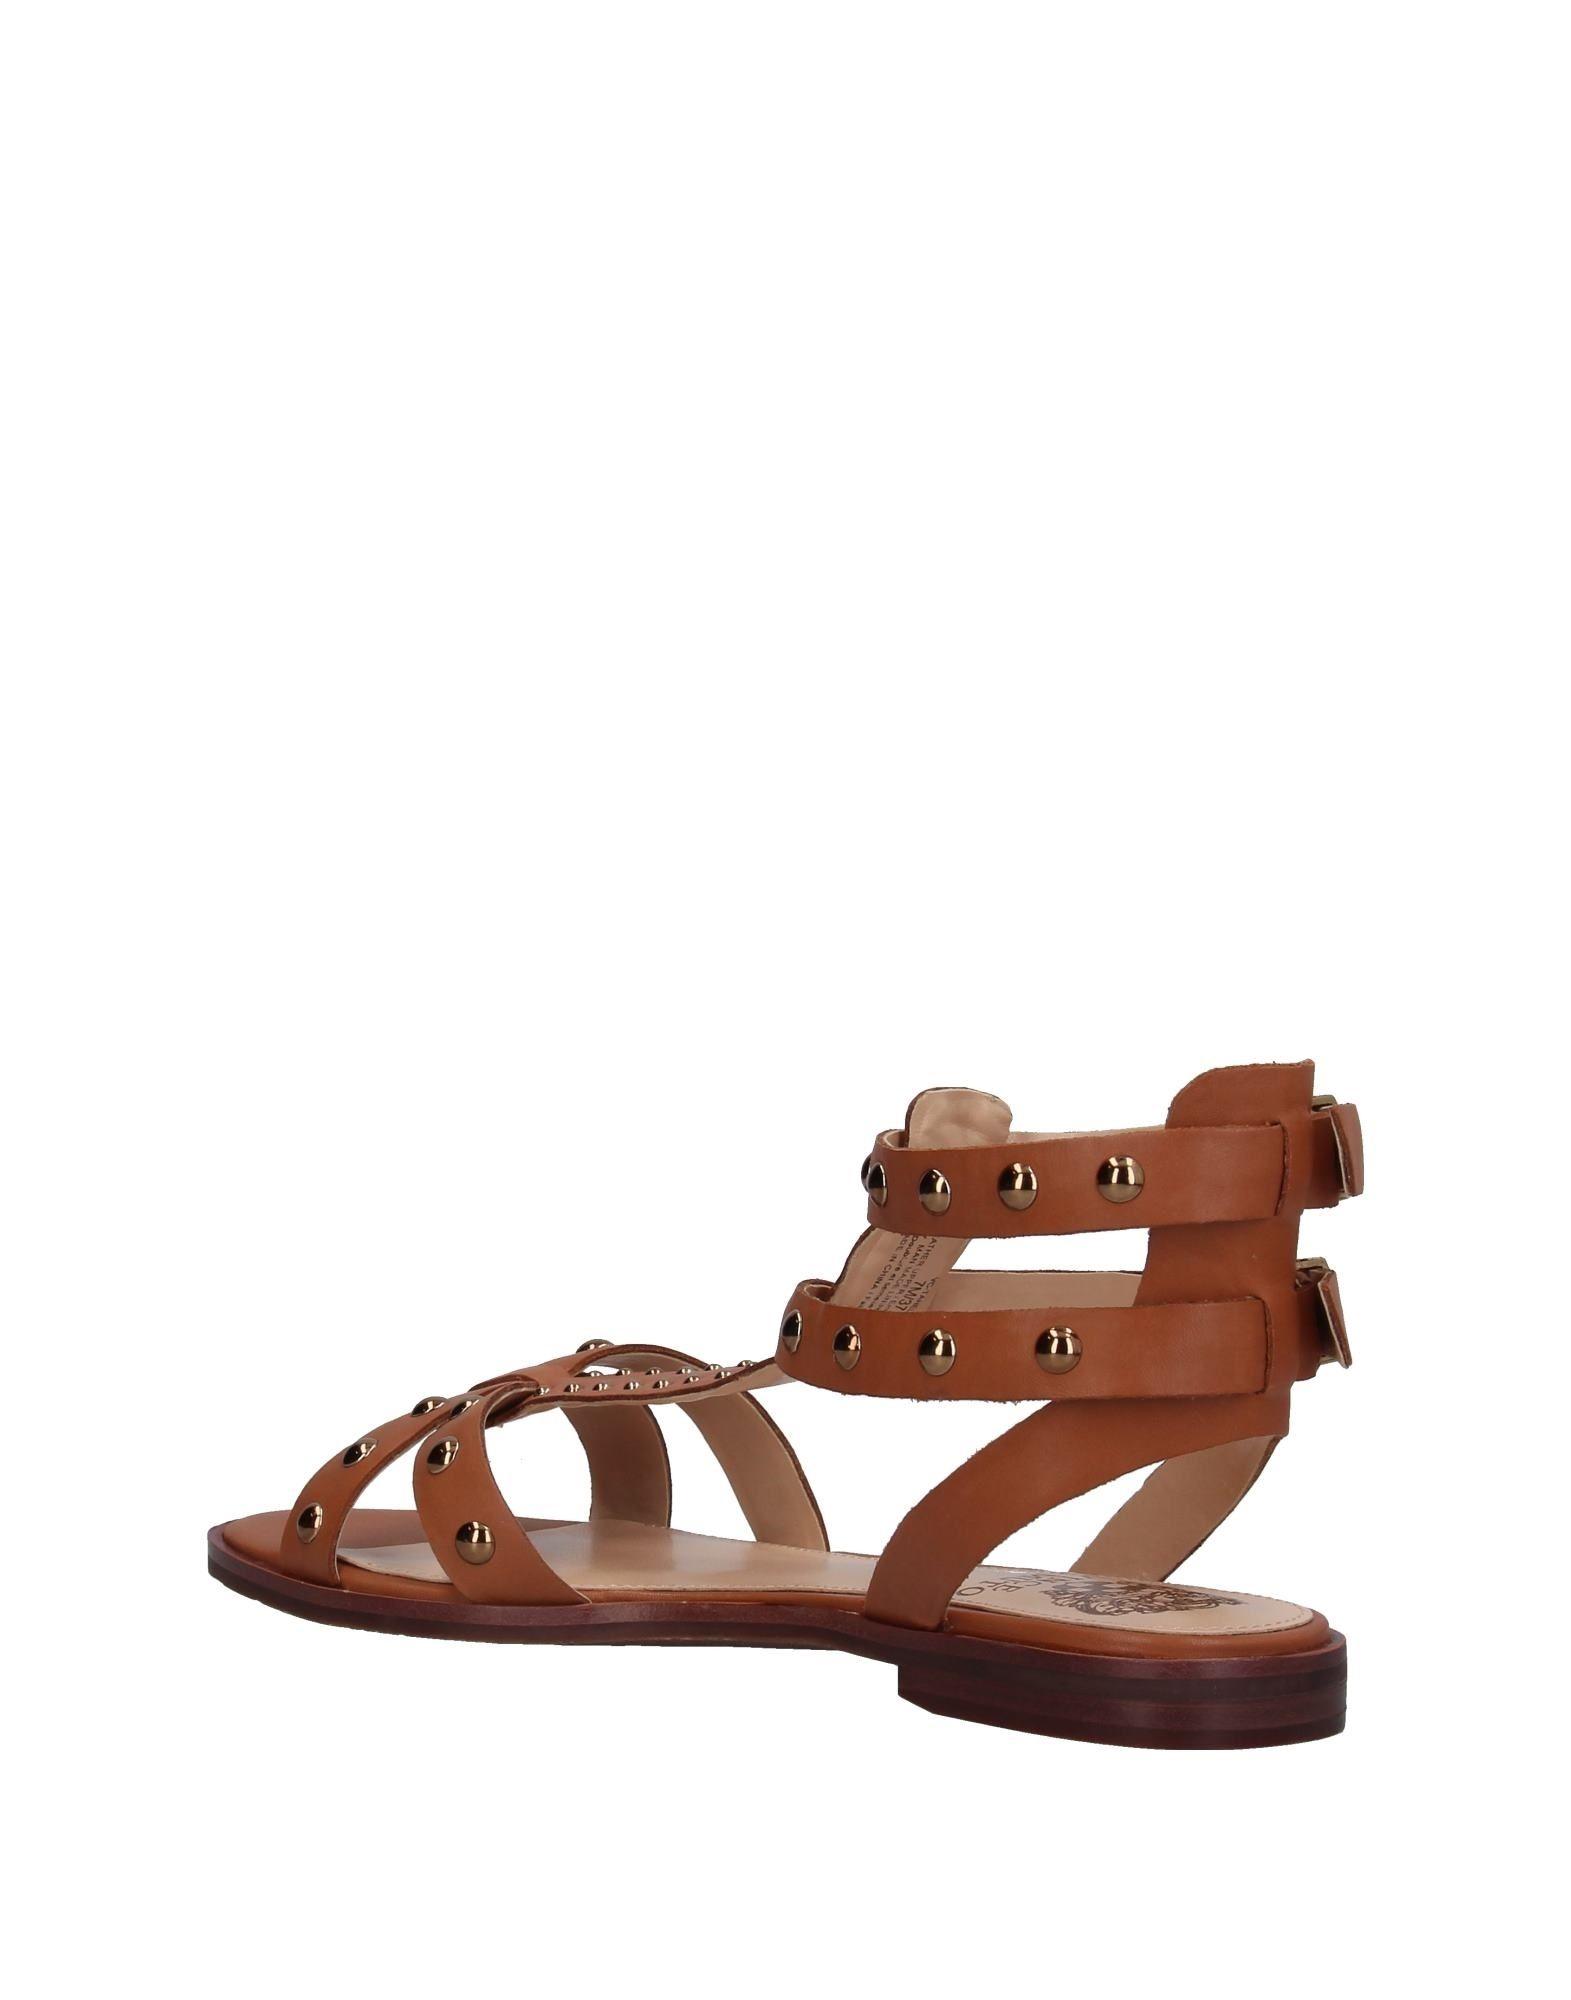 Vince Camuto Sandalen Damen  11404907JT Gute Qualität beliebte Schuhe